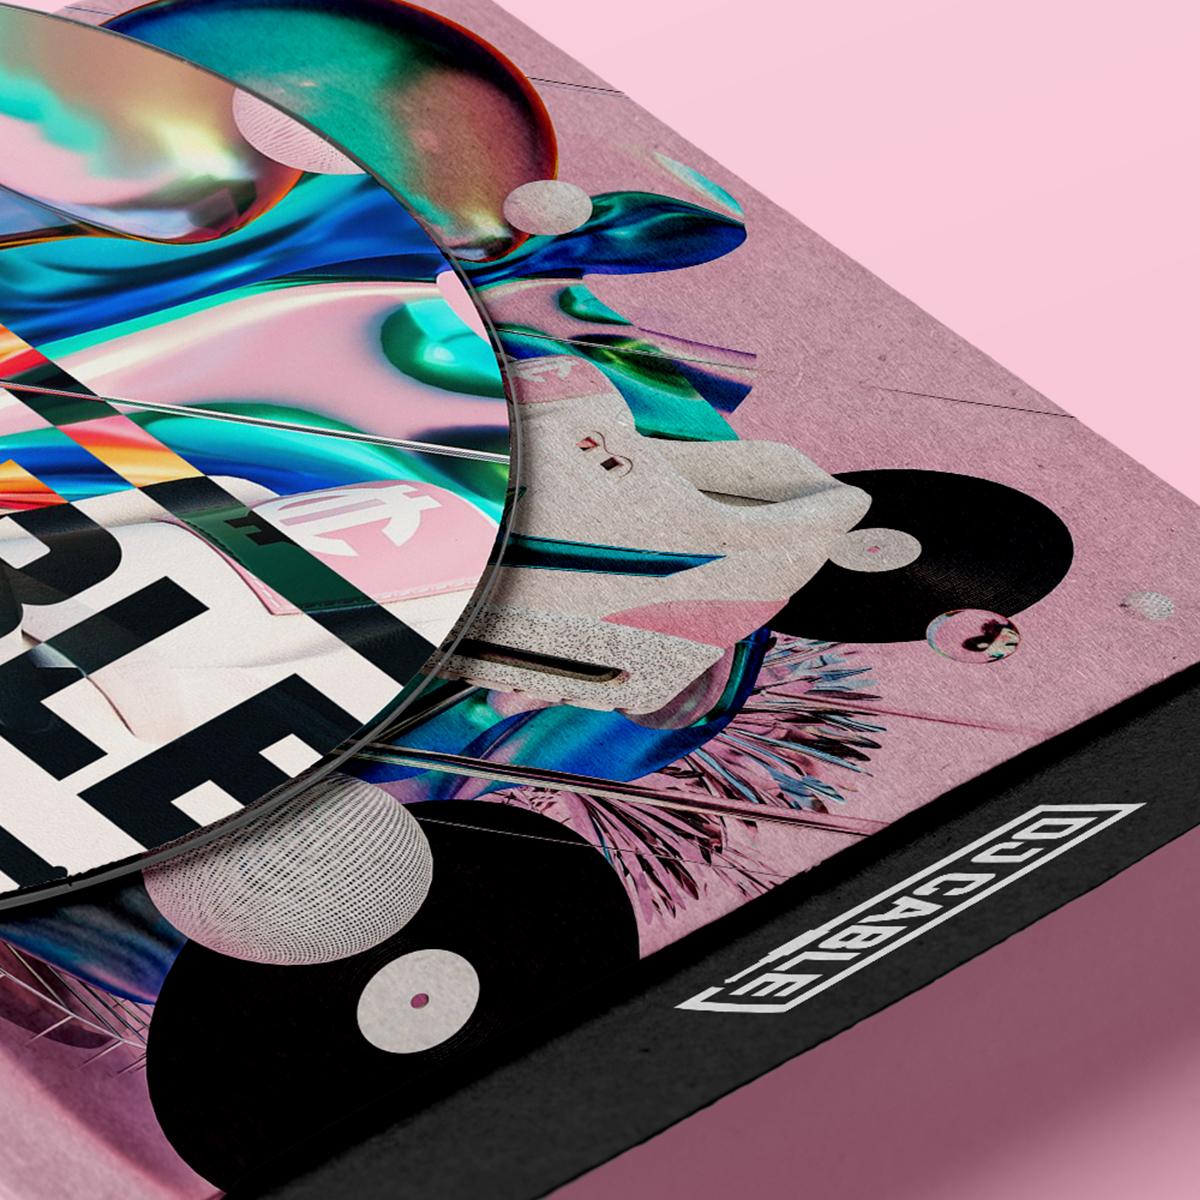 Nike airmax pink iridescent dj bass club kicks mix